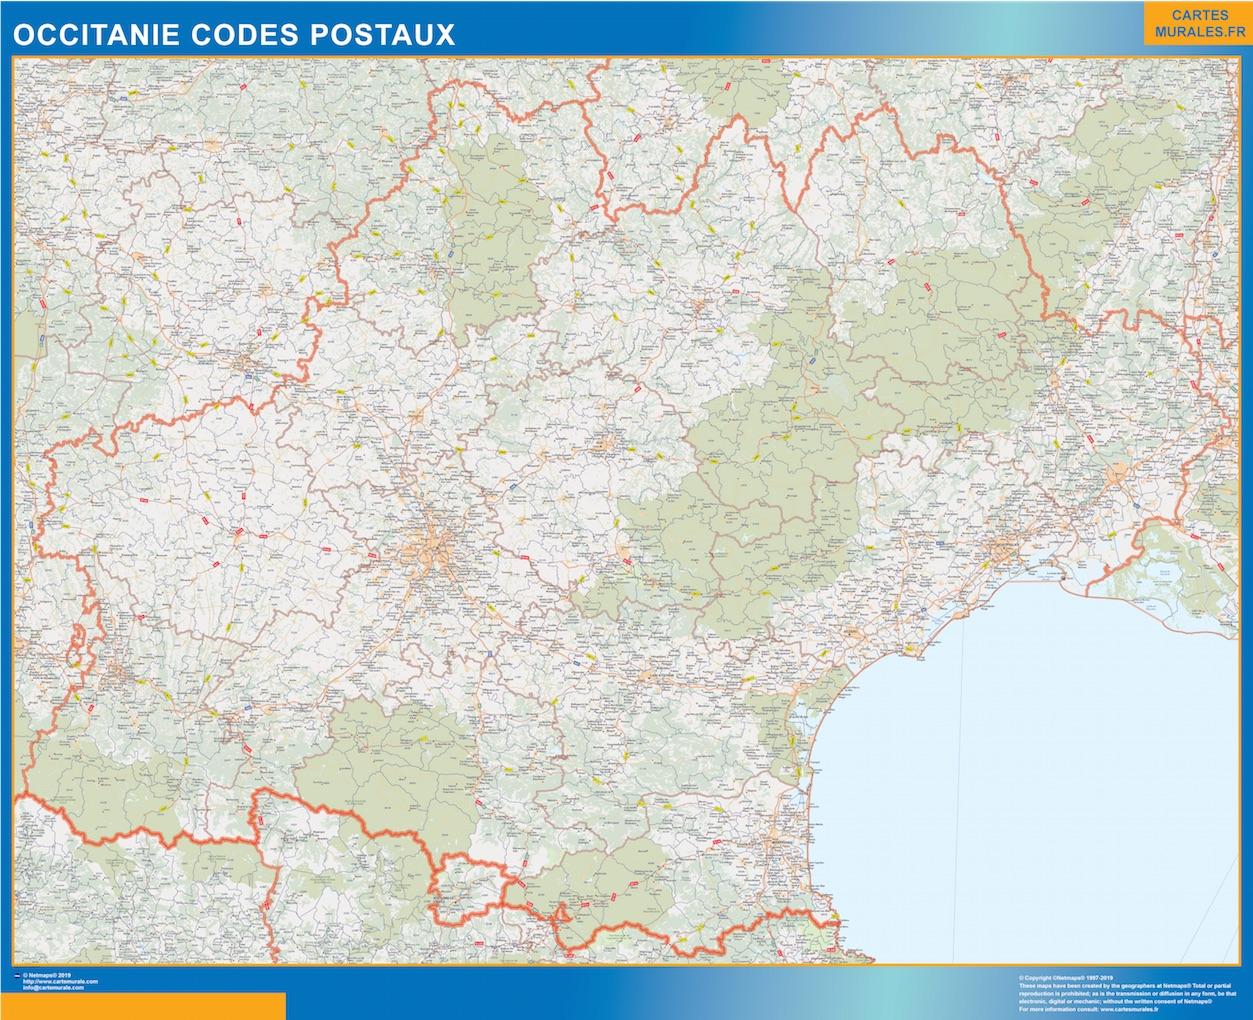 Región OccitanIe codigos postales plastificado gigante